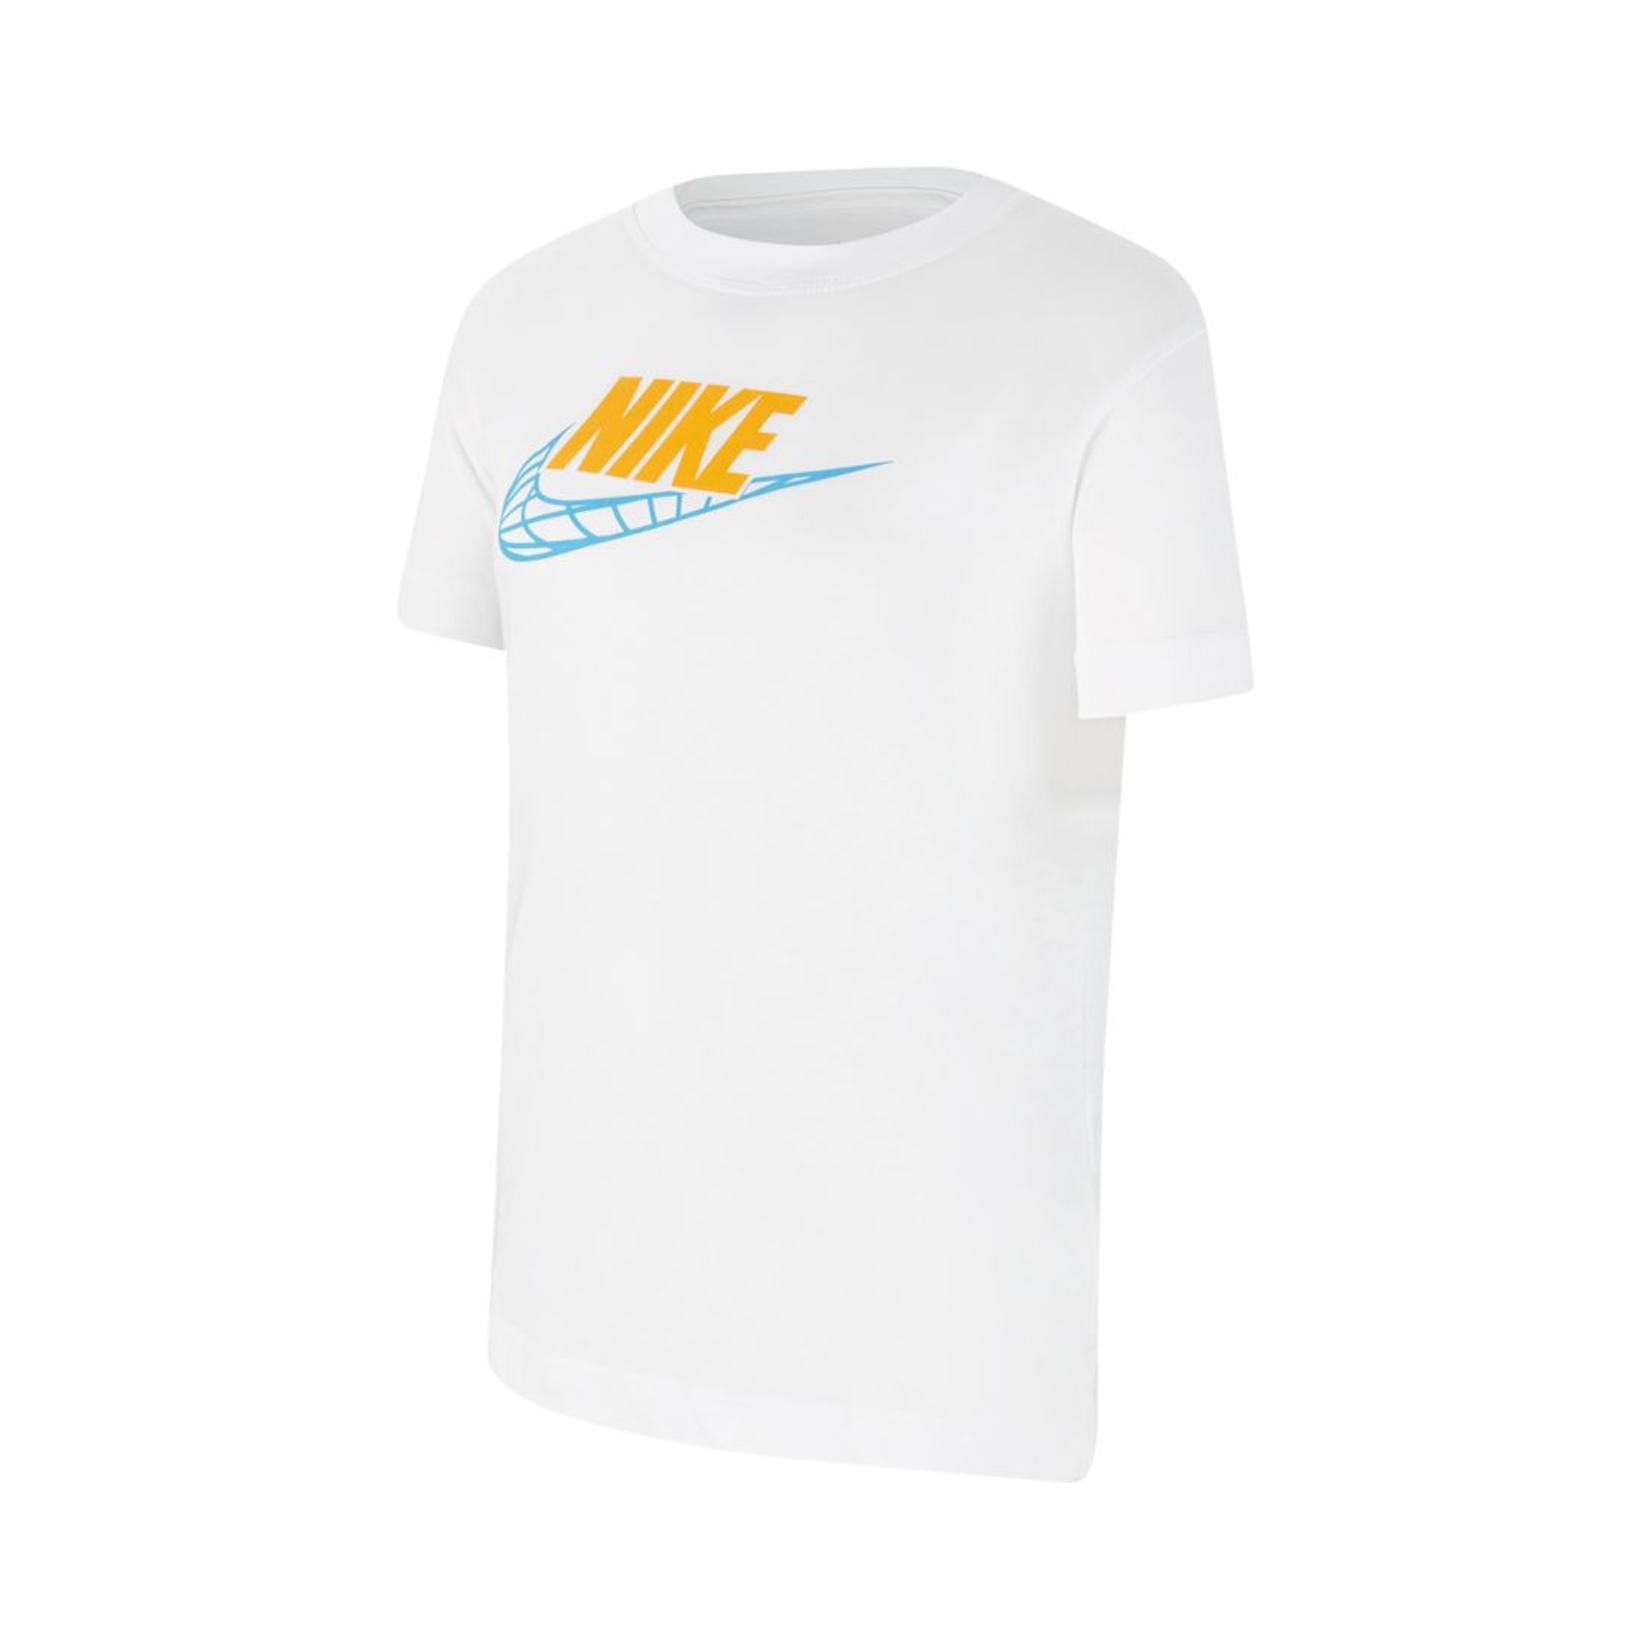 Nike Sportswear Kids' Tee Dptl Fall Fw Hook White